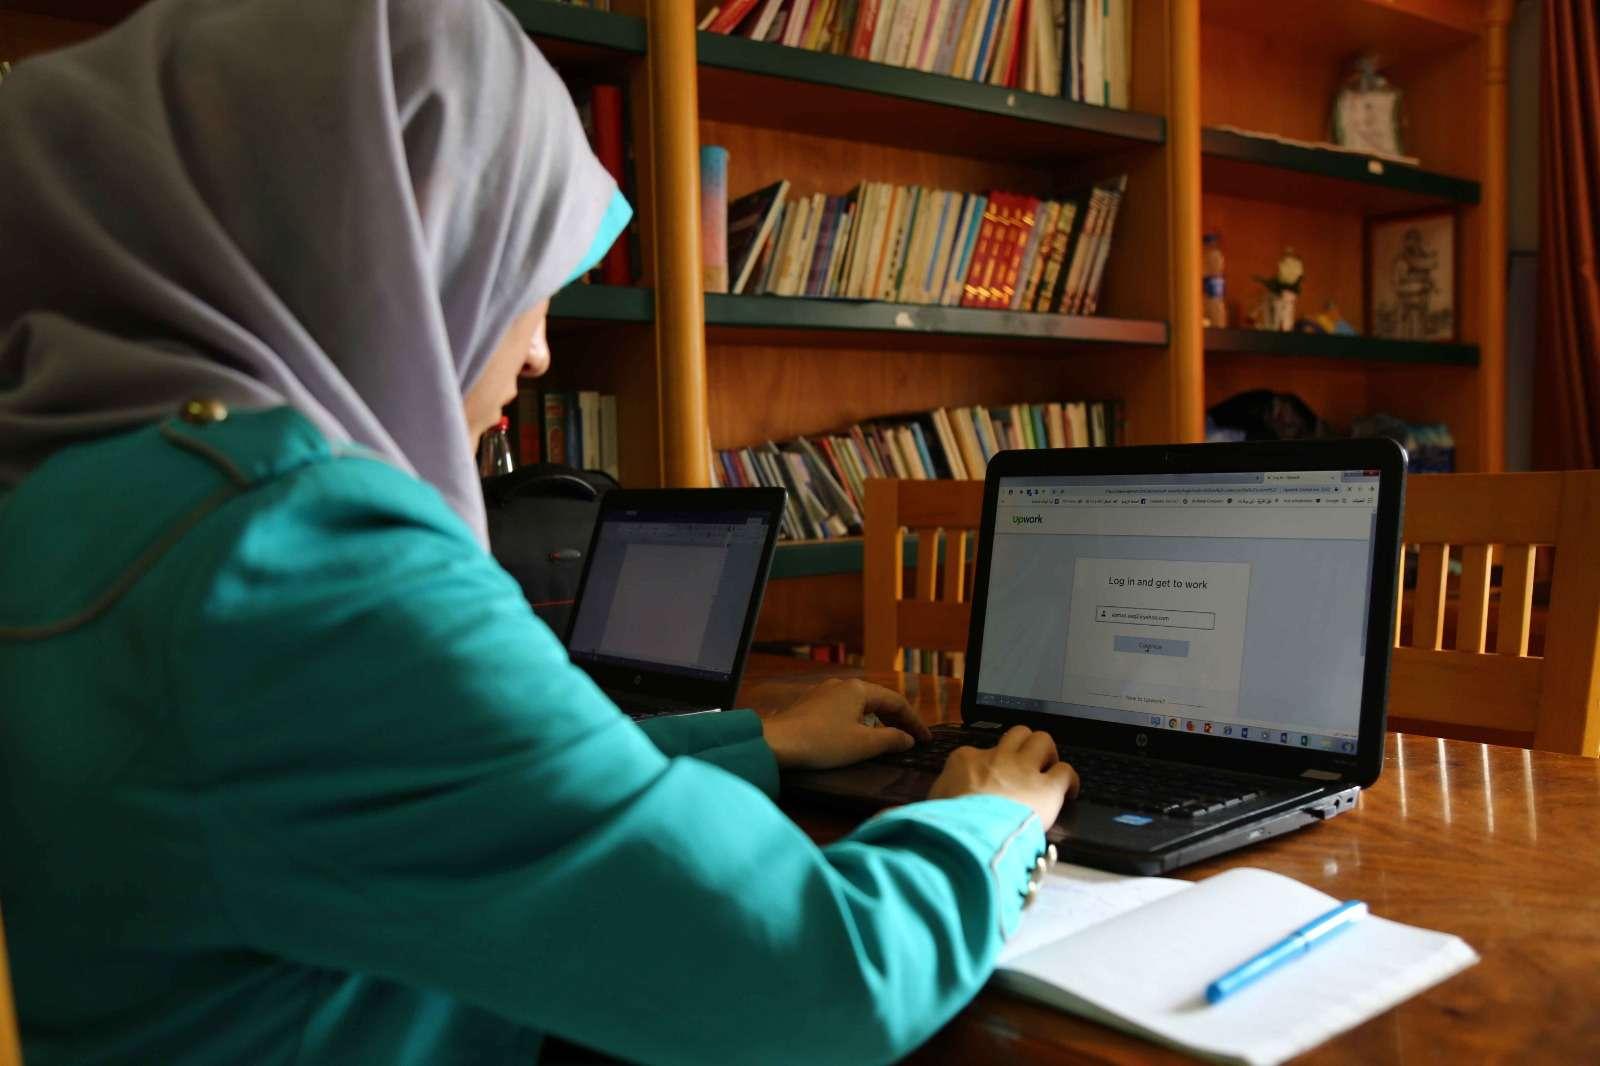 Histoires de réussite de l'incubateur de leadership féminin: du chômage au travail indépendant